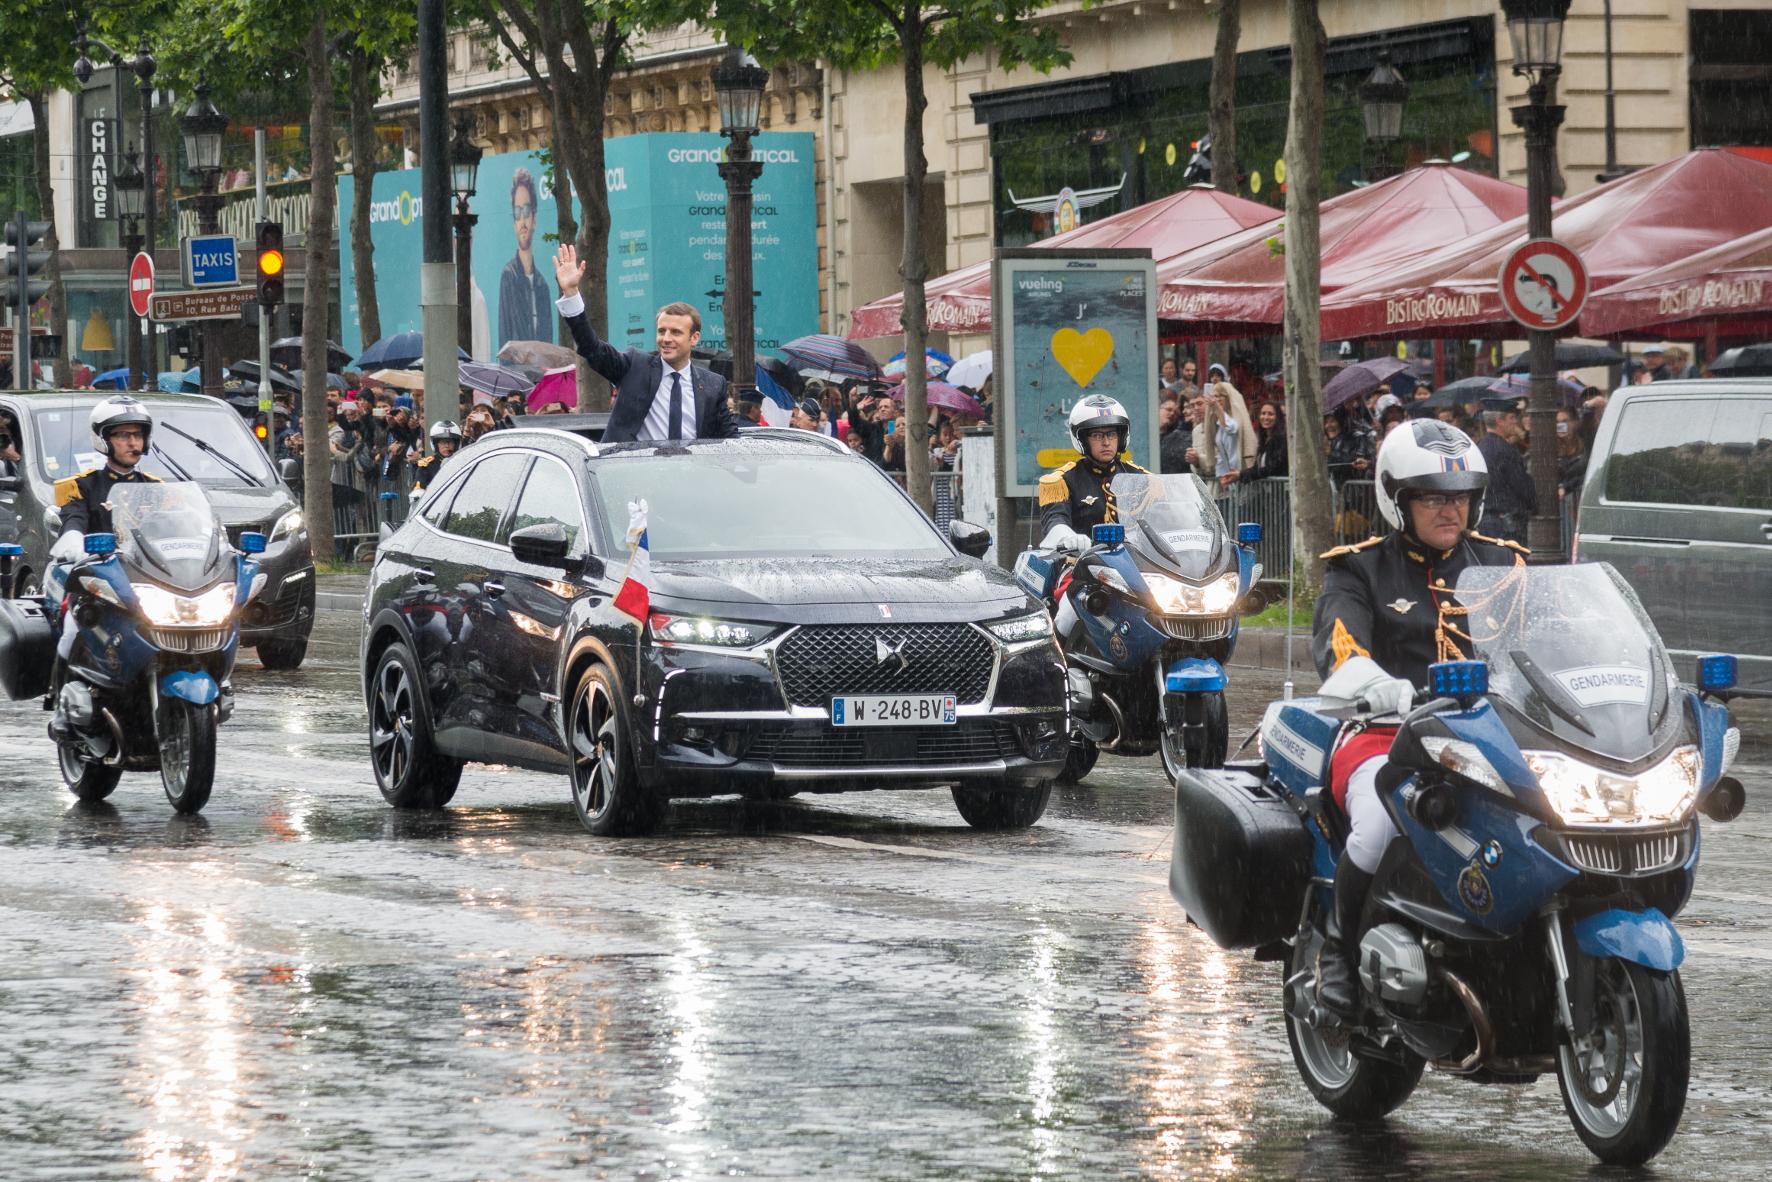 Die französische Staatskarosse mit Präsident Macron.